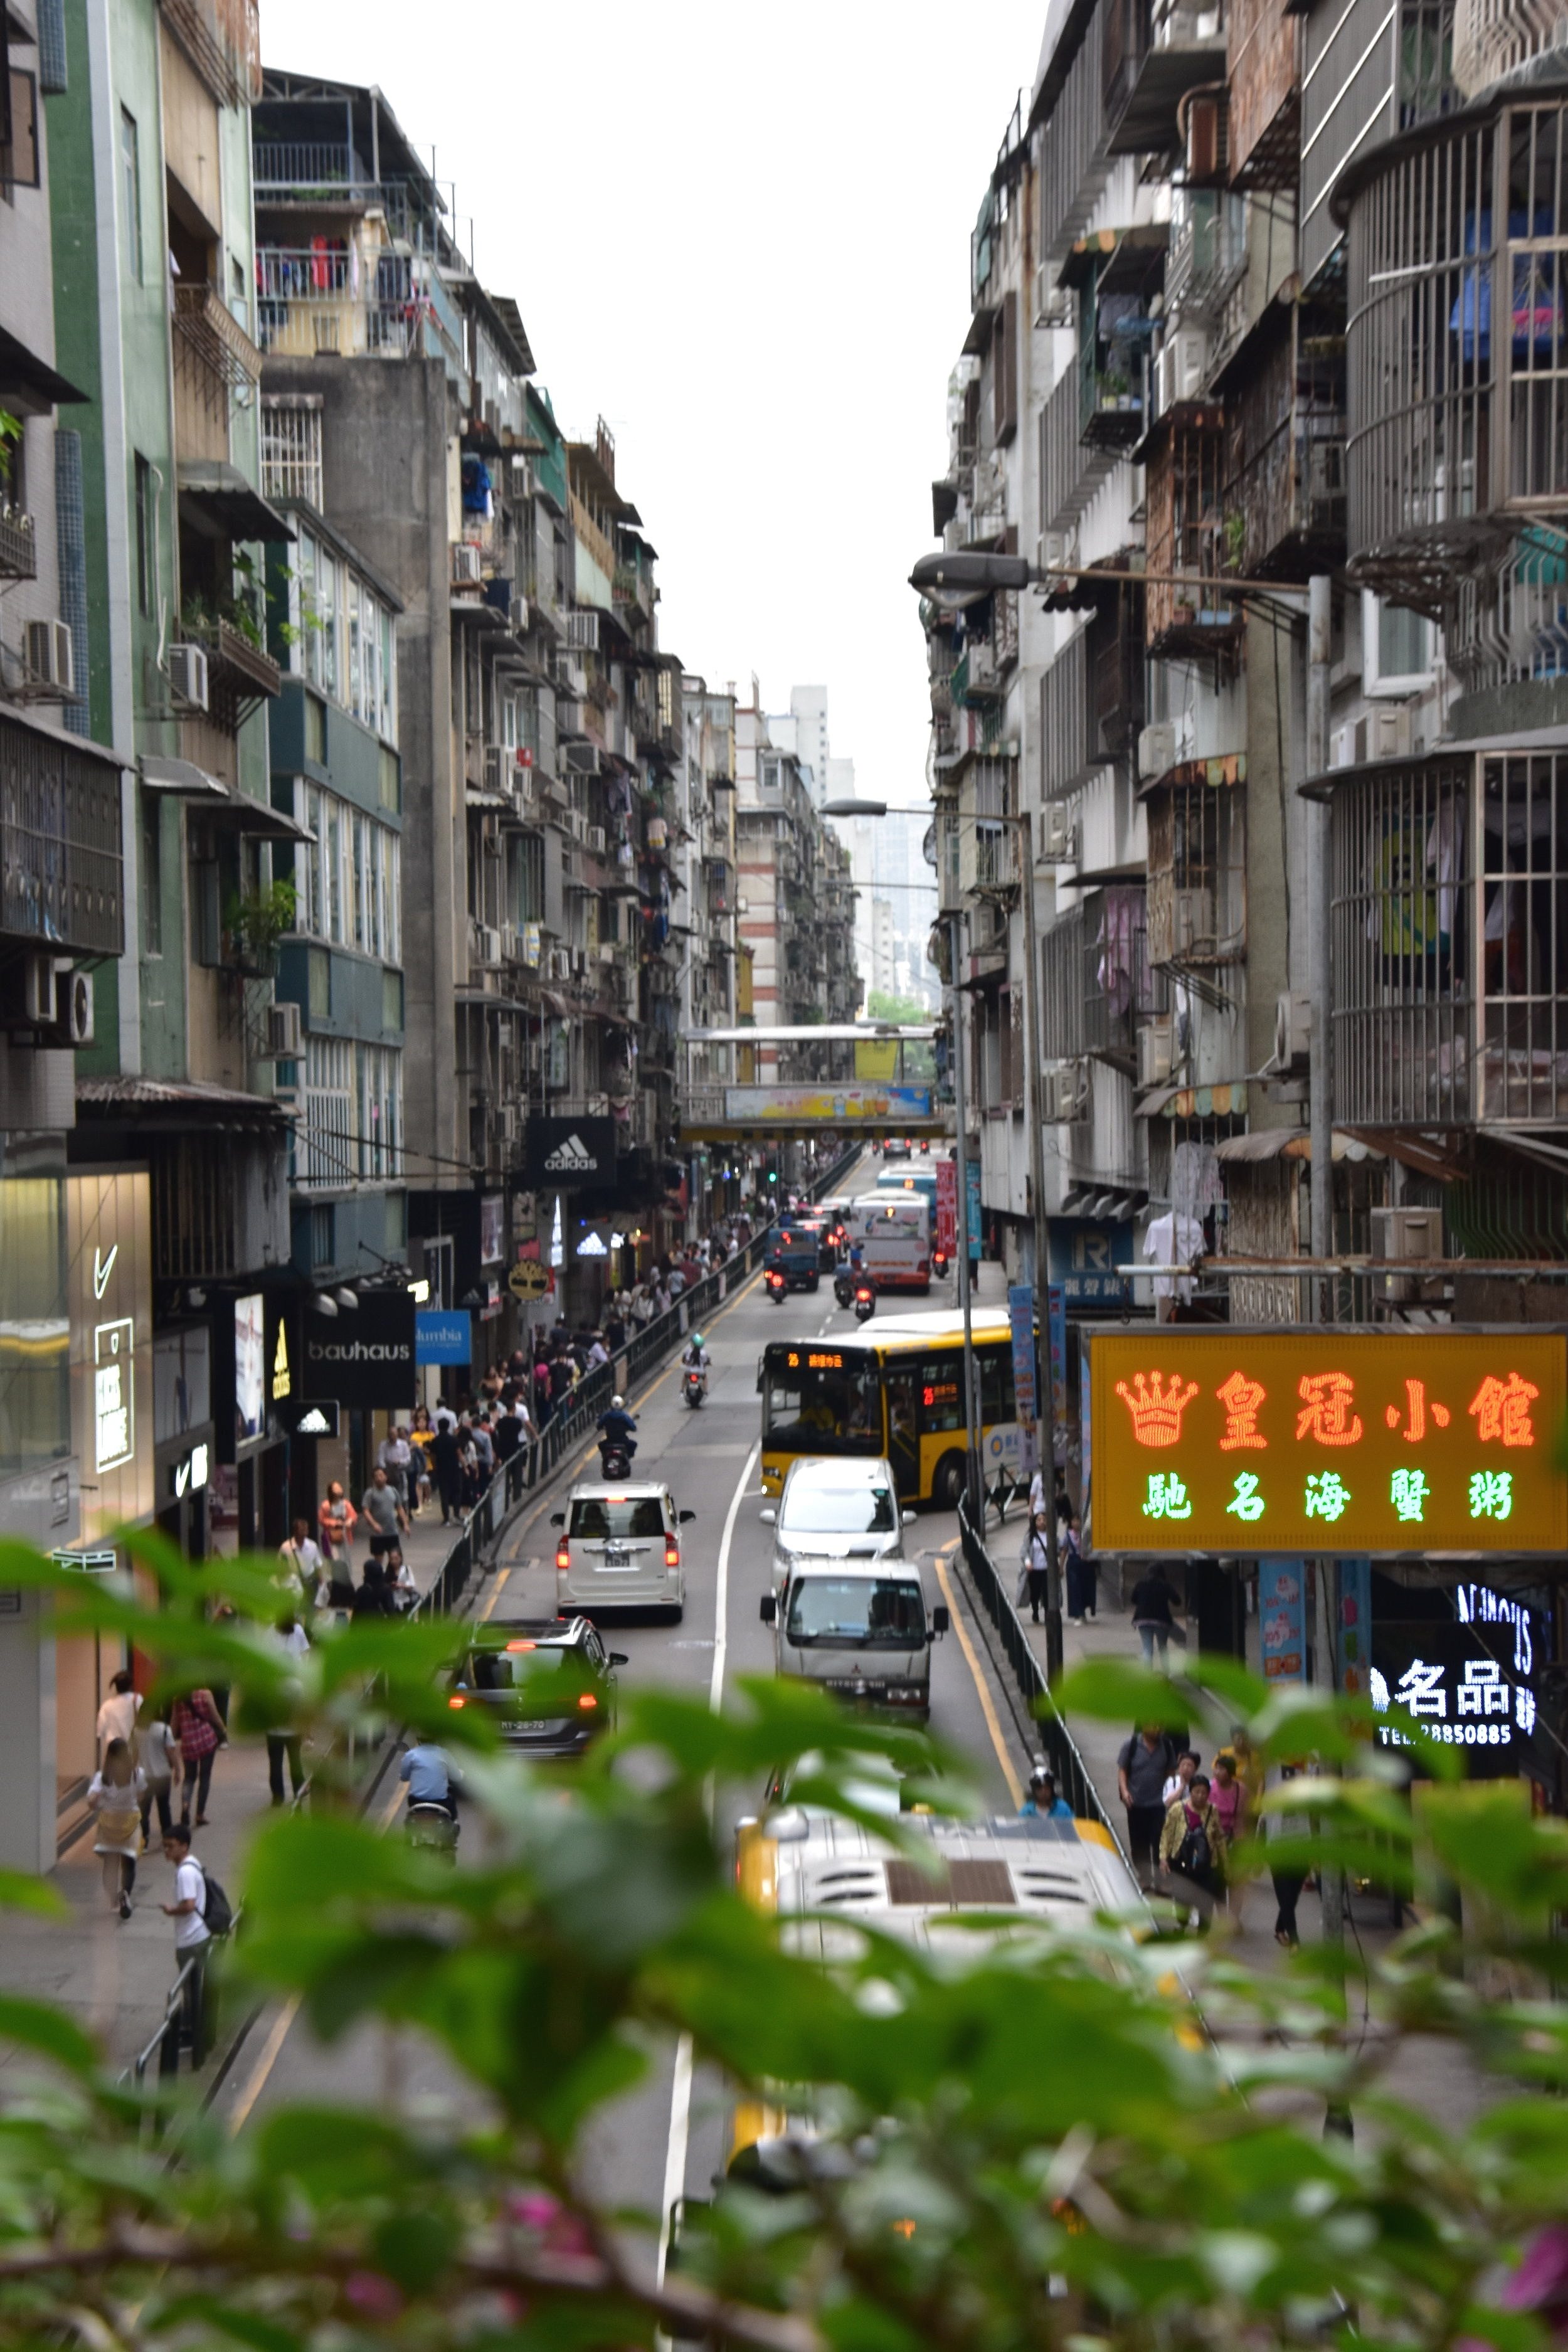 Transport in Macau